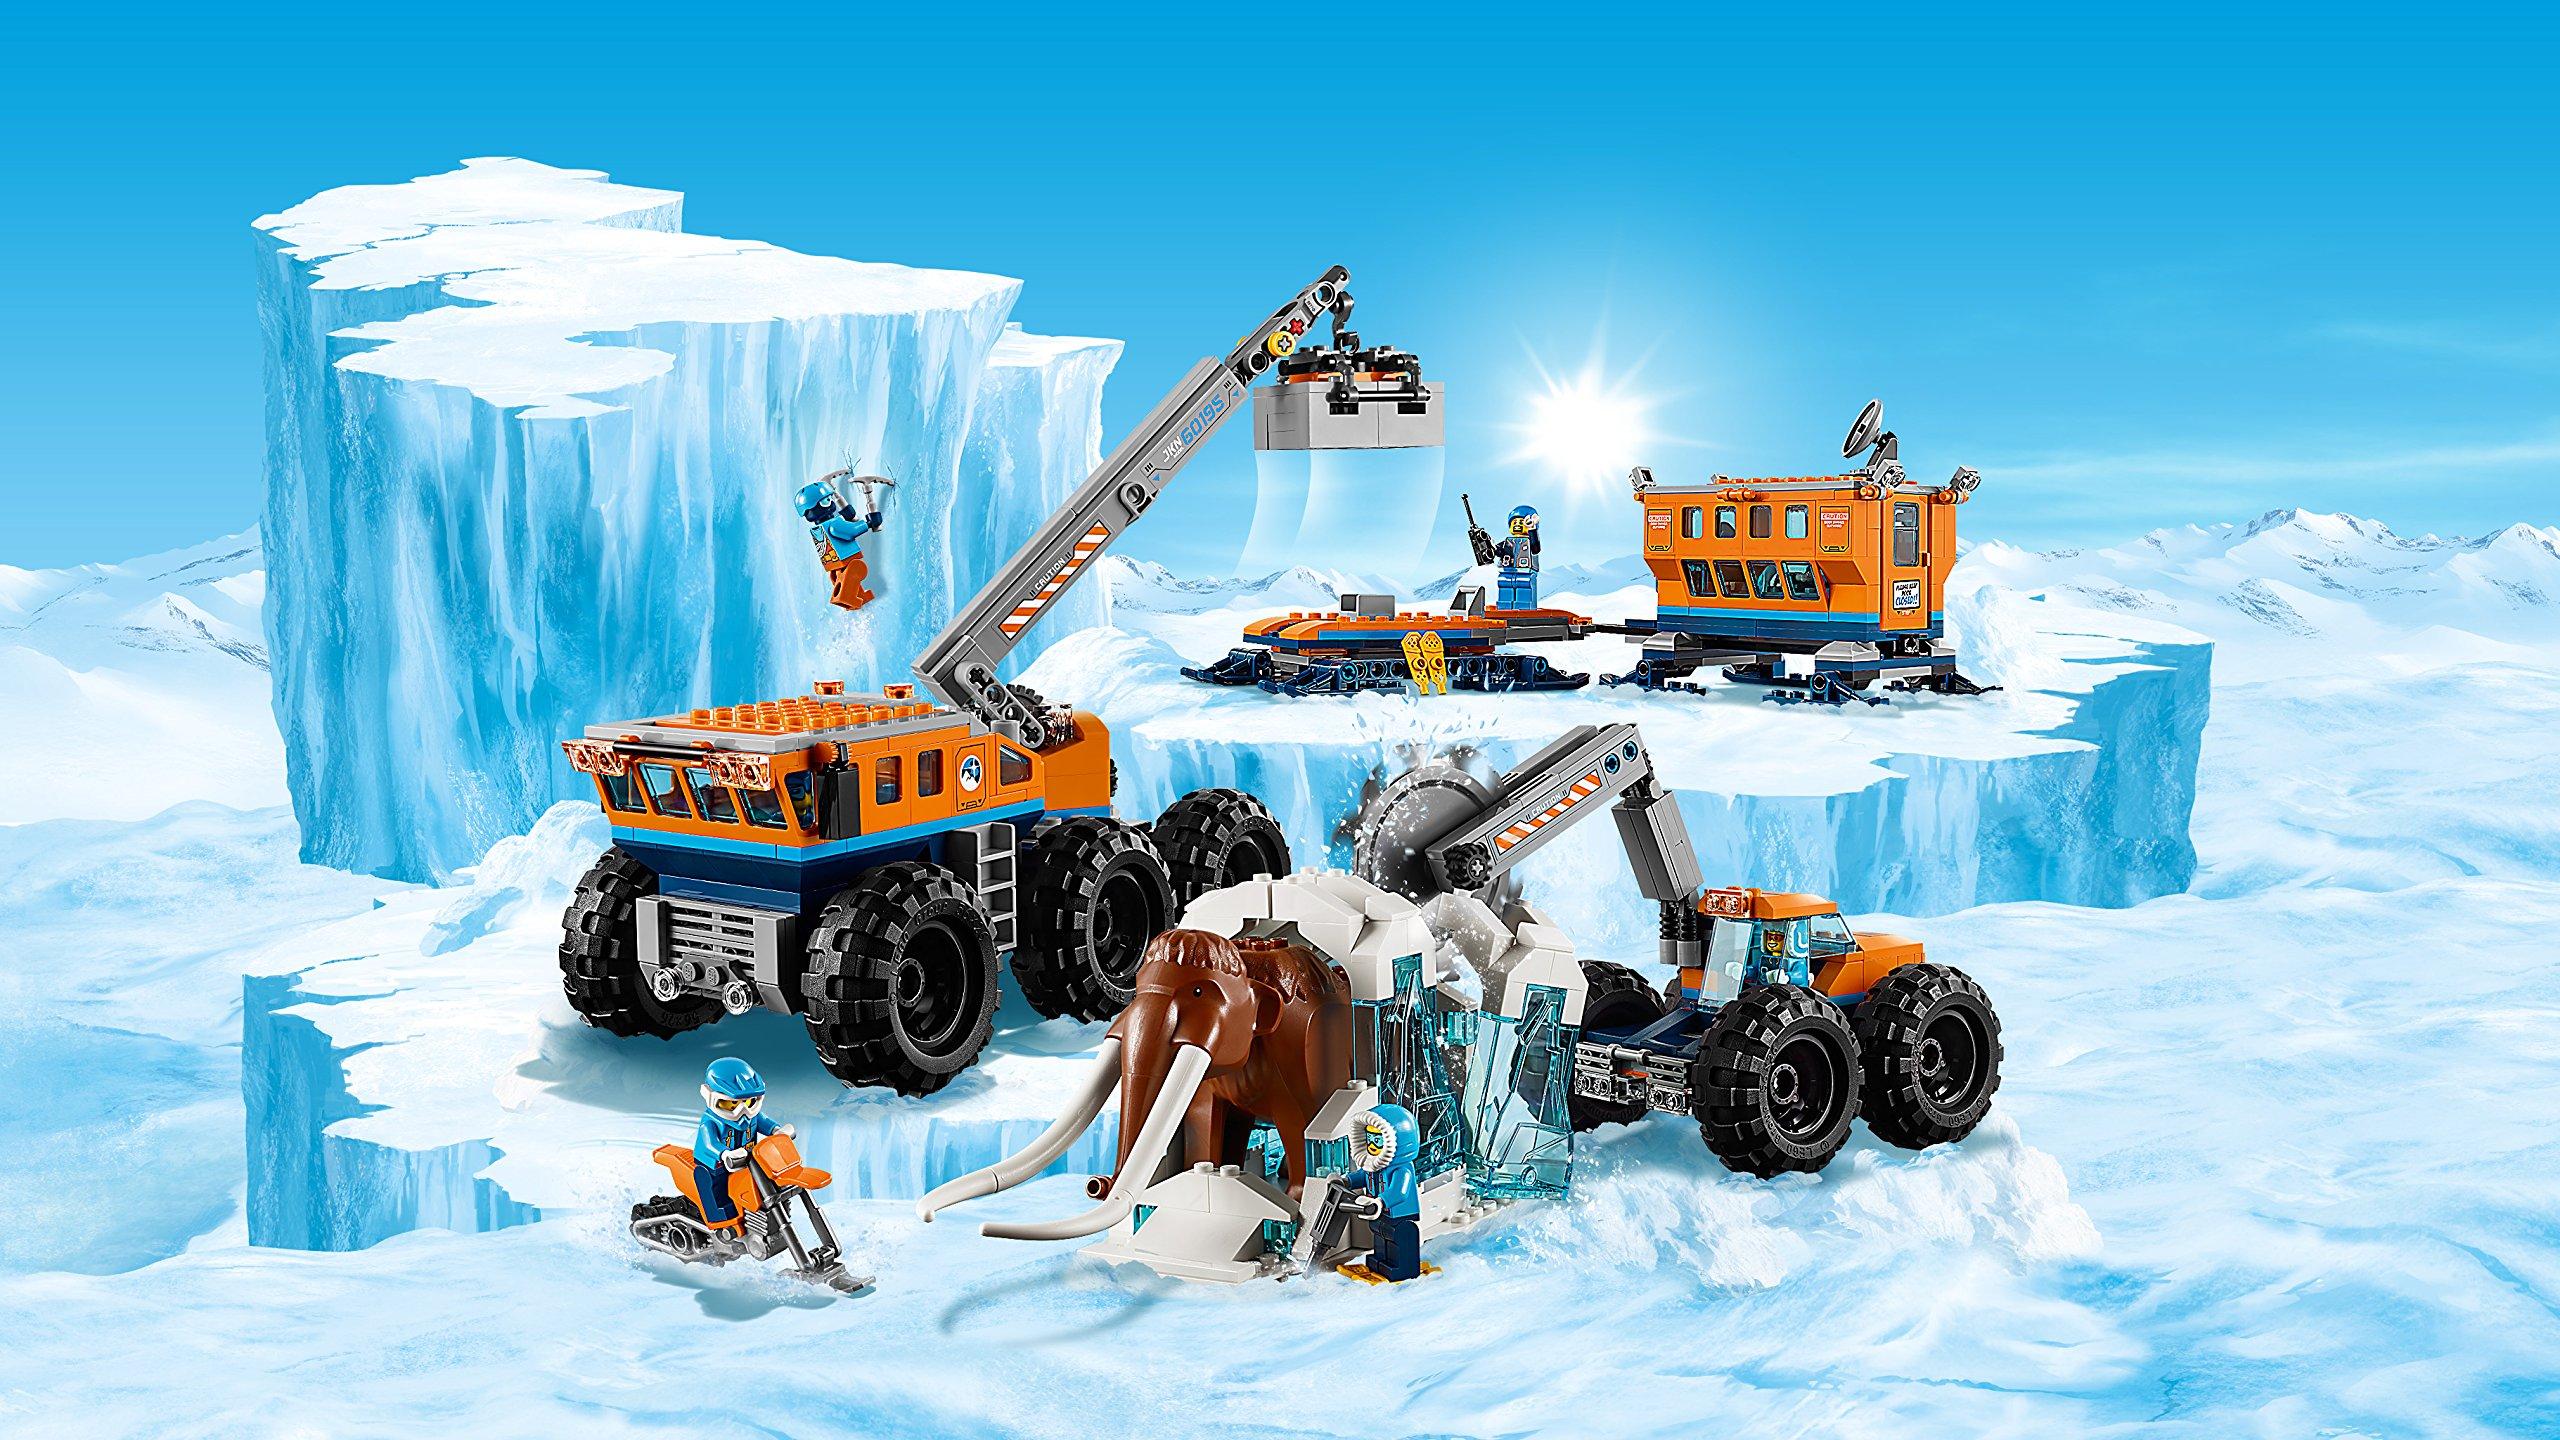 LEGO Base Mobile Di Esplorazione Artica Costruzioni Piccole Gioco o 562 3 spesavip